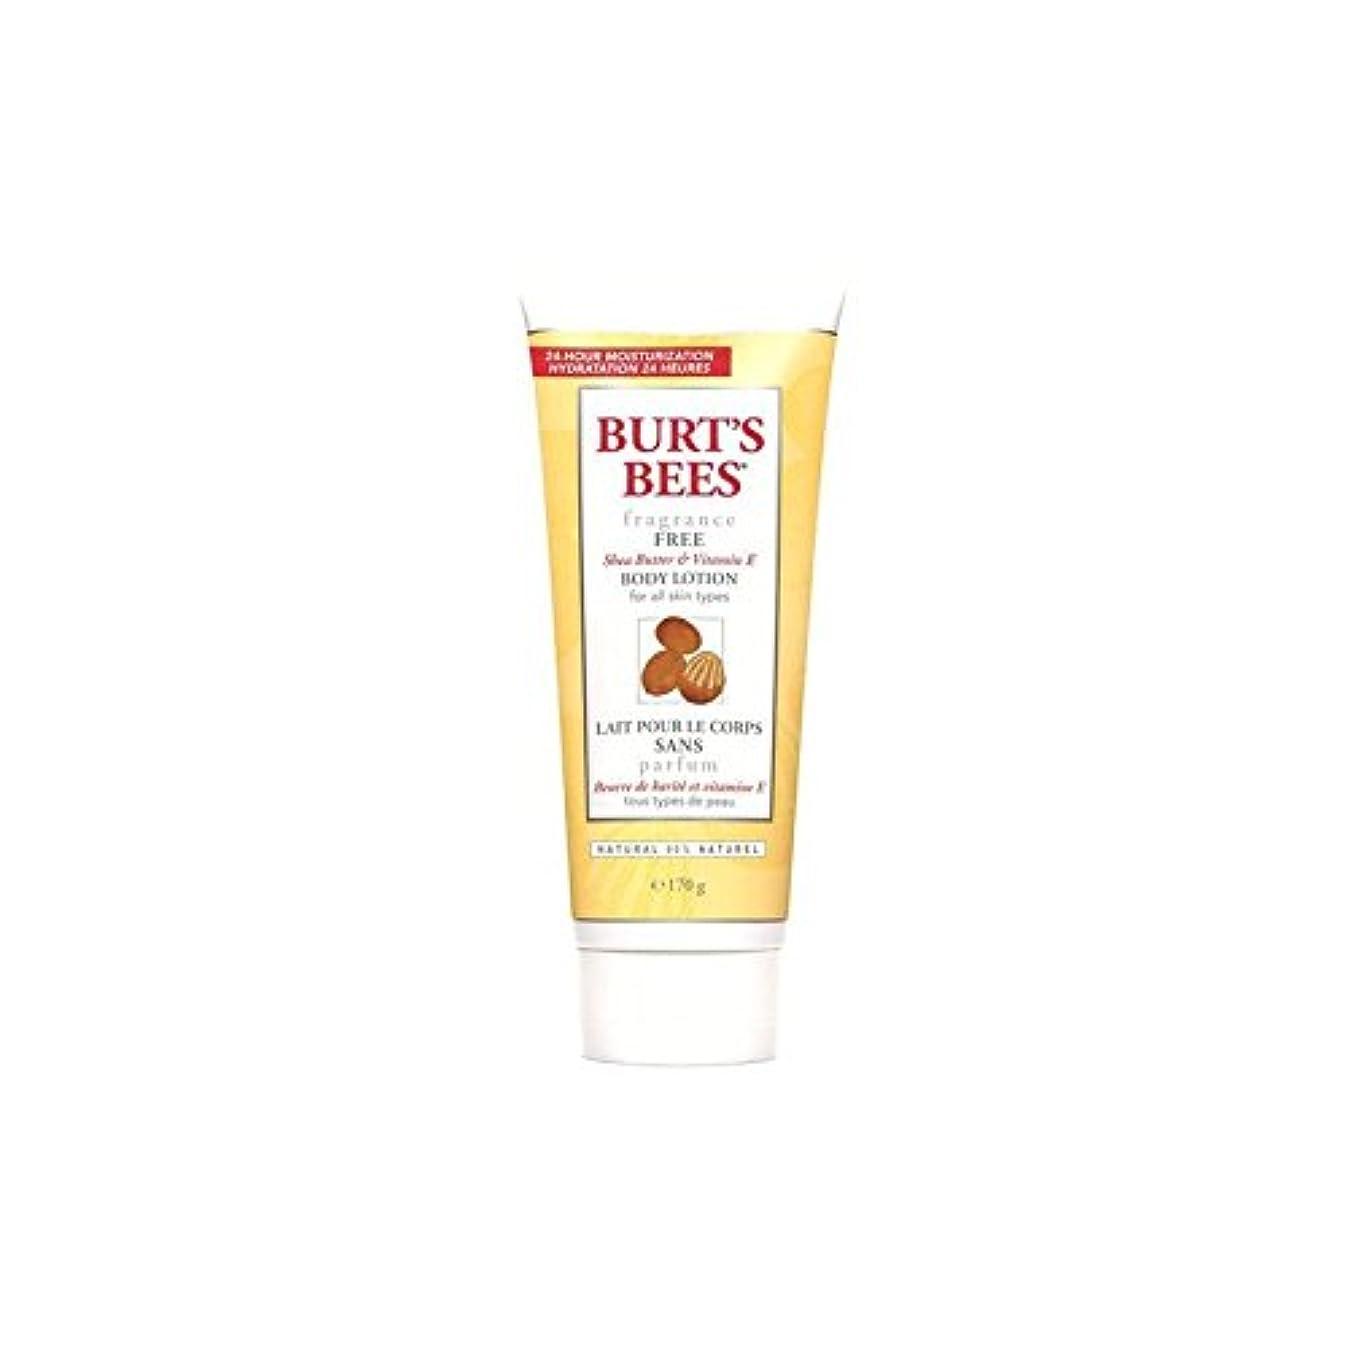 修士号発信浸食バーツビーボディローション - 無香料6オンス x2 - Burt's Bees Body Lotion - Fragrance Free 6fl oz (Pack of 2) [並行輸入品]